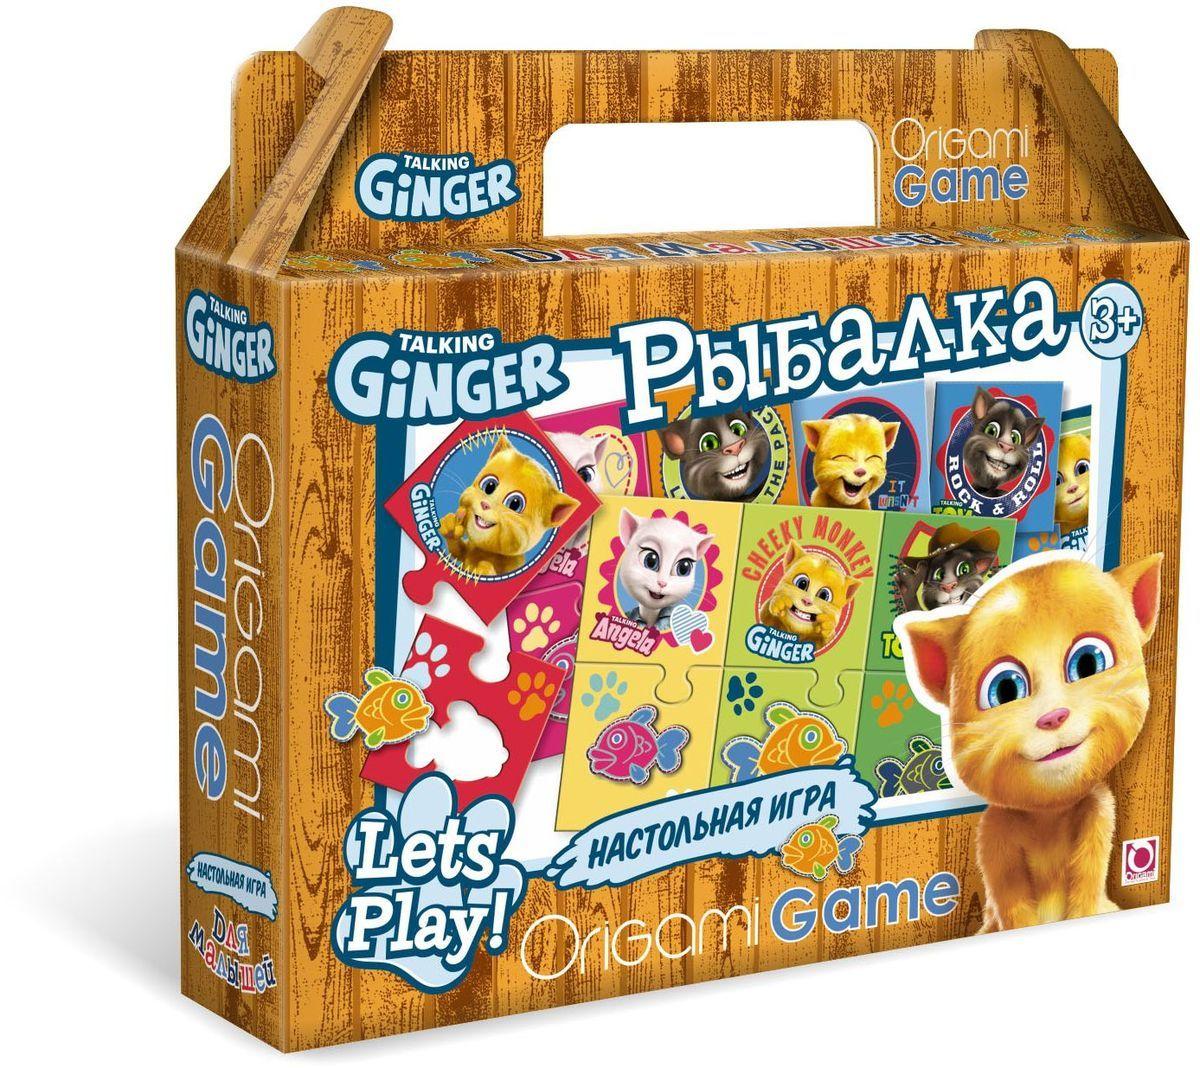 Оригами Обучающая игра Рыбалка00980Настольная игра «Рыбалка» поможет ребенку развить ассоциативные способности. В набор входят парные цветные карточки: герои мультфильма и разноцветные рыбки. Сначала нужно сопоставить карточки одинакового цвета. Затем найти рыбку определенного размера, соответствующую цвету каждого героя. Все карточки снабжены пазловыми замками, поэтому ребенок не сможет совершить ошибку. Размер пазла 34х23.Рекомендуемый возраст 3+